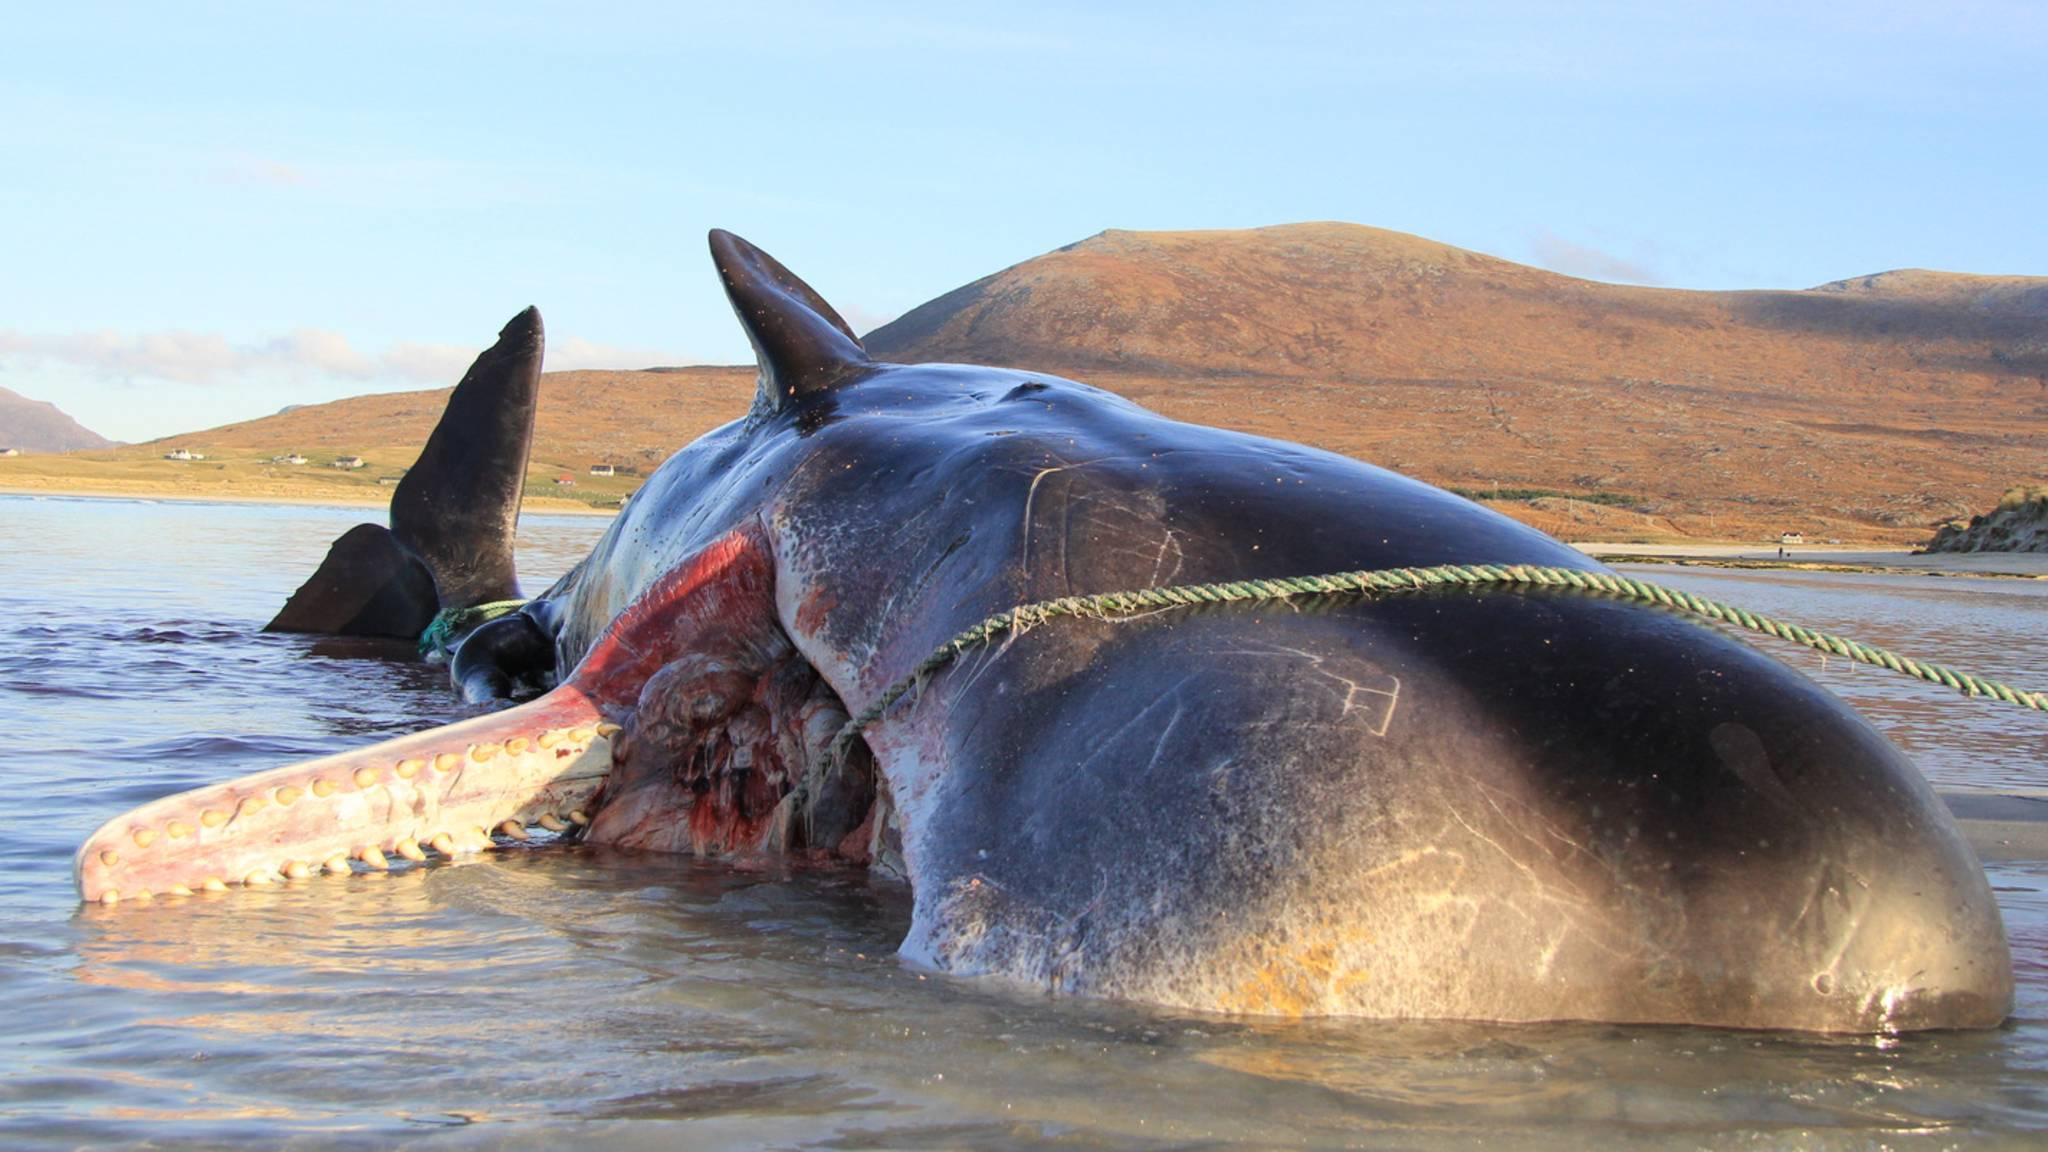 Die Gedärme schossen raus: Gestrandeter Wal explodiert in Schottland während Untersuchung